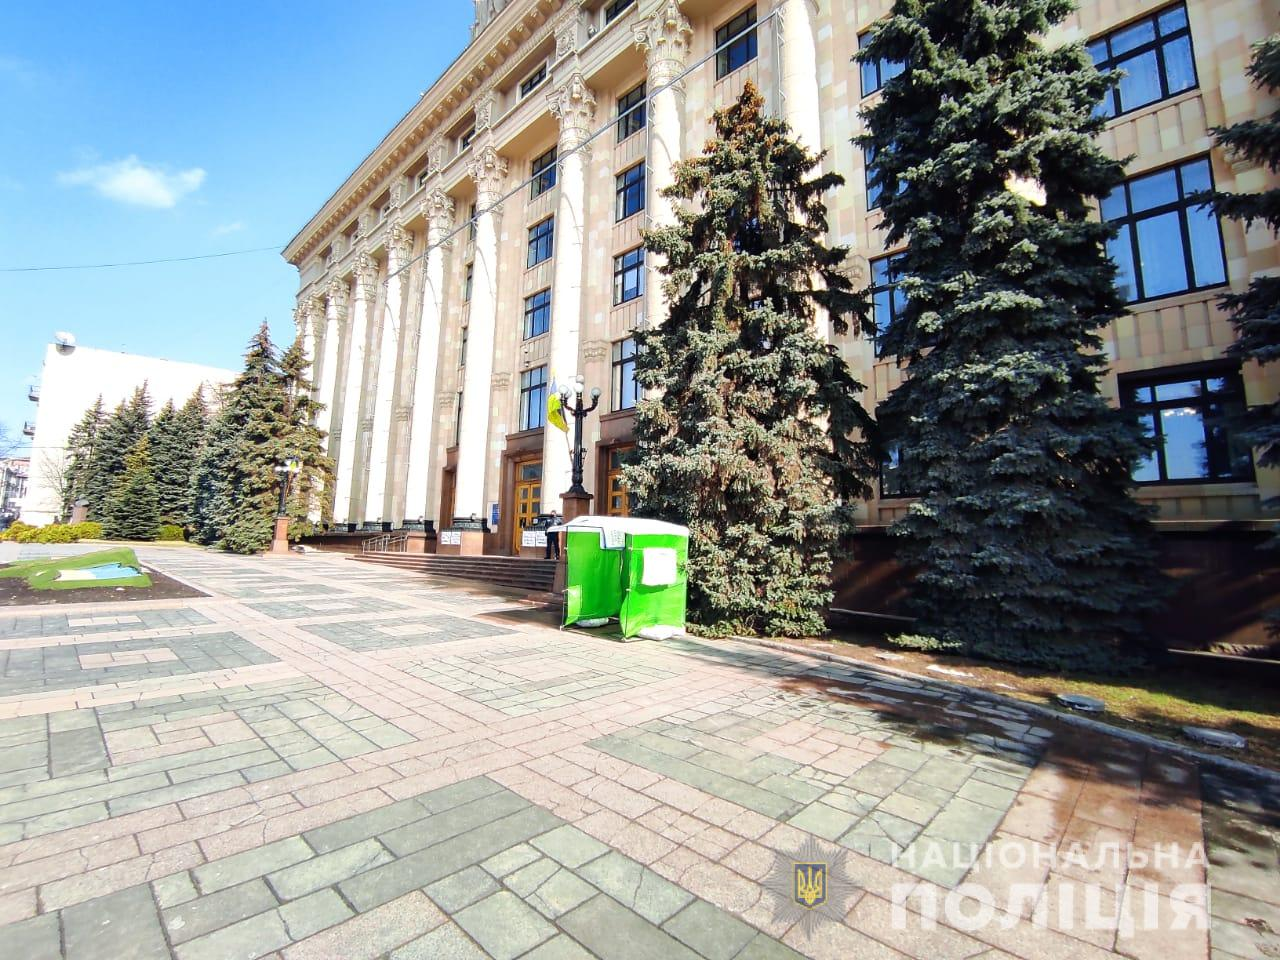 Минирование двух административных зданий в Харькове не подтвердилось (фото)